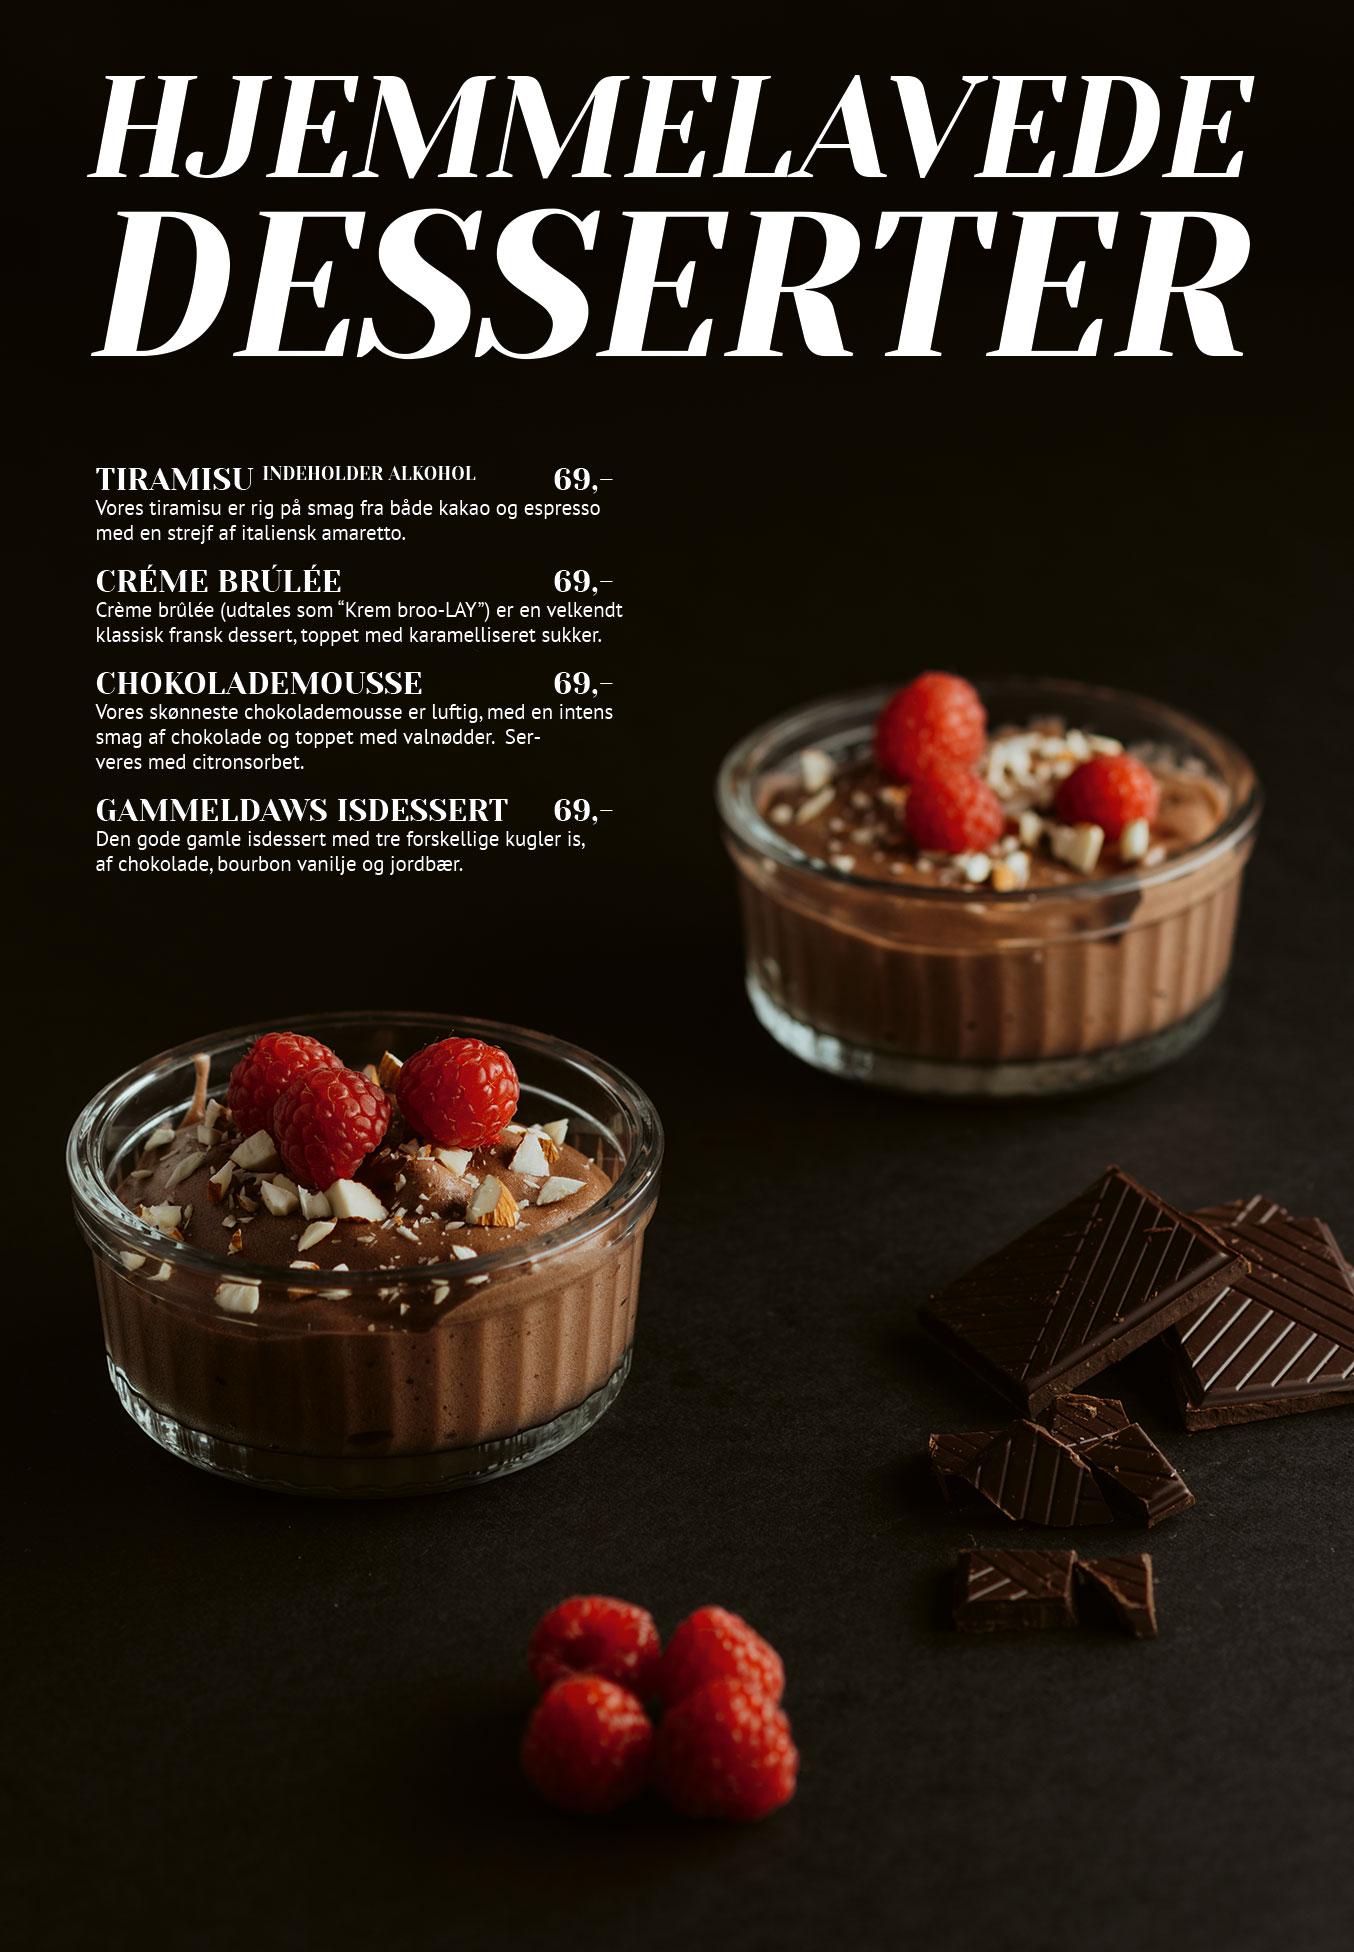 Side 5: Hjemmelavede desserter